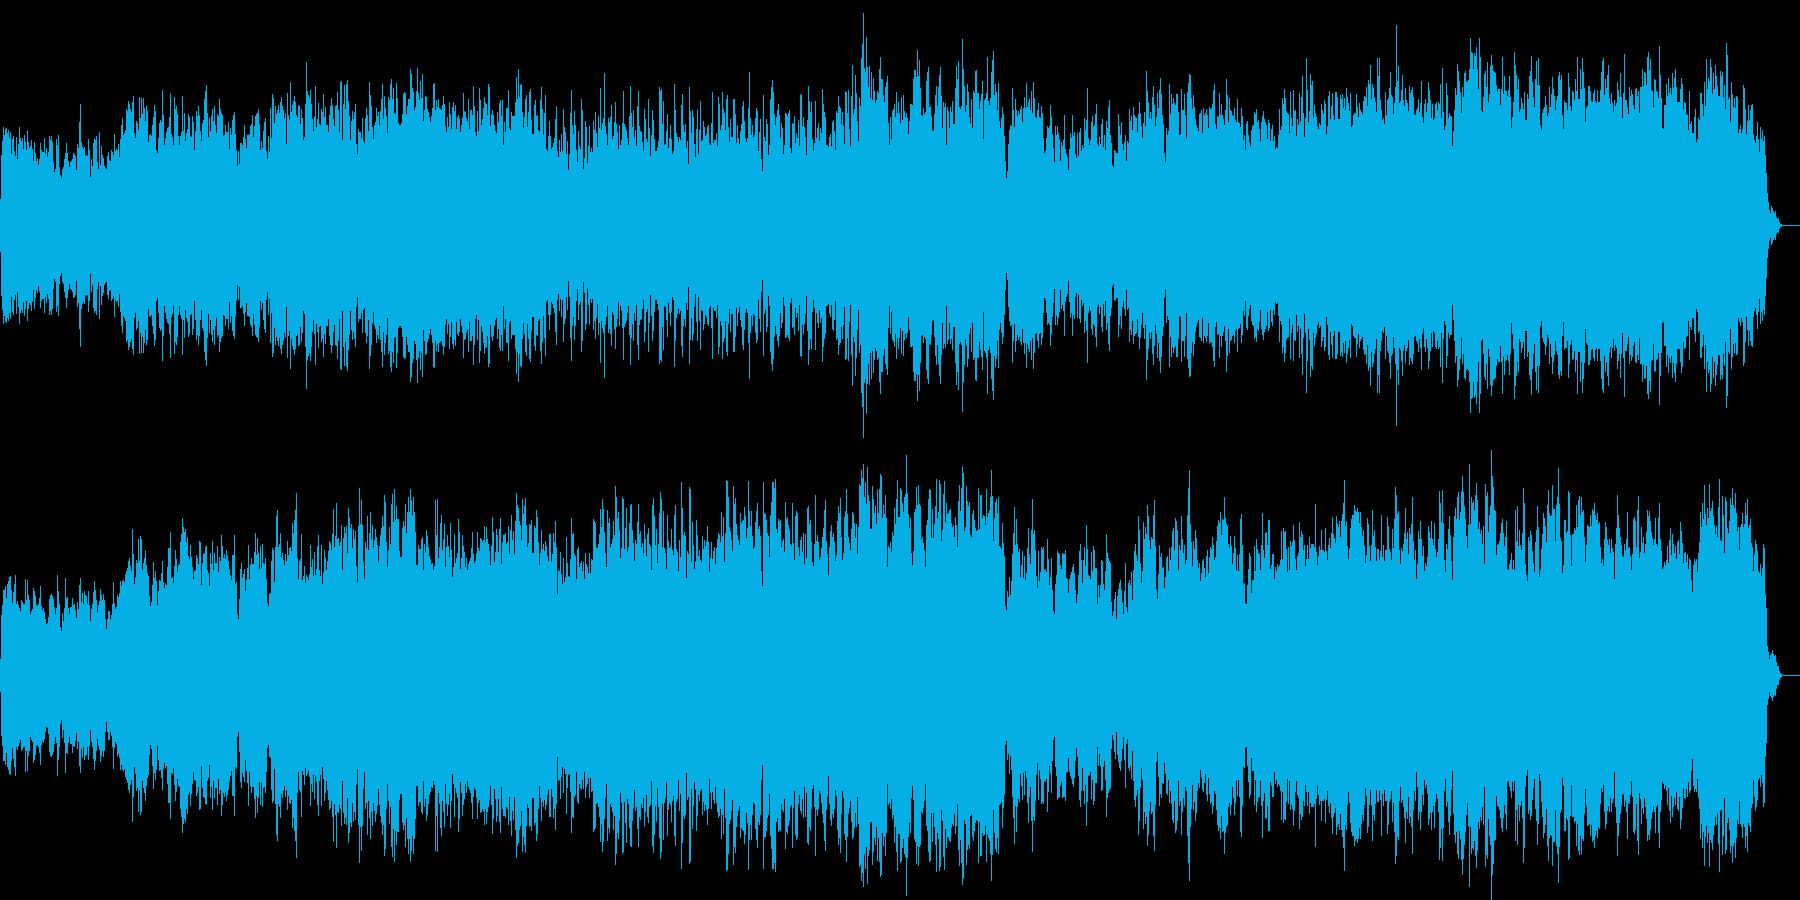 寂しくて悲しいストリングスの曲の再生済みの波形